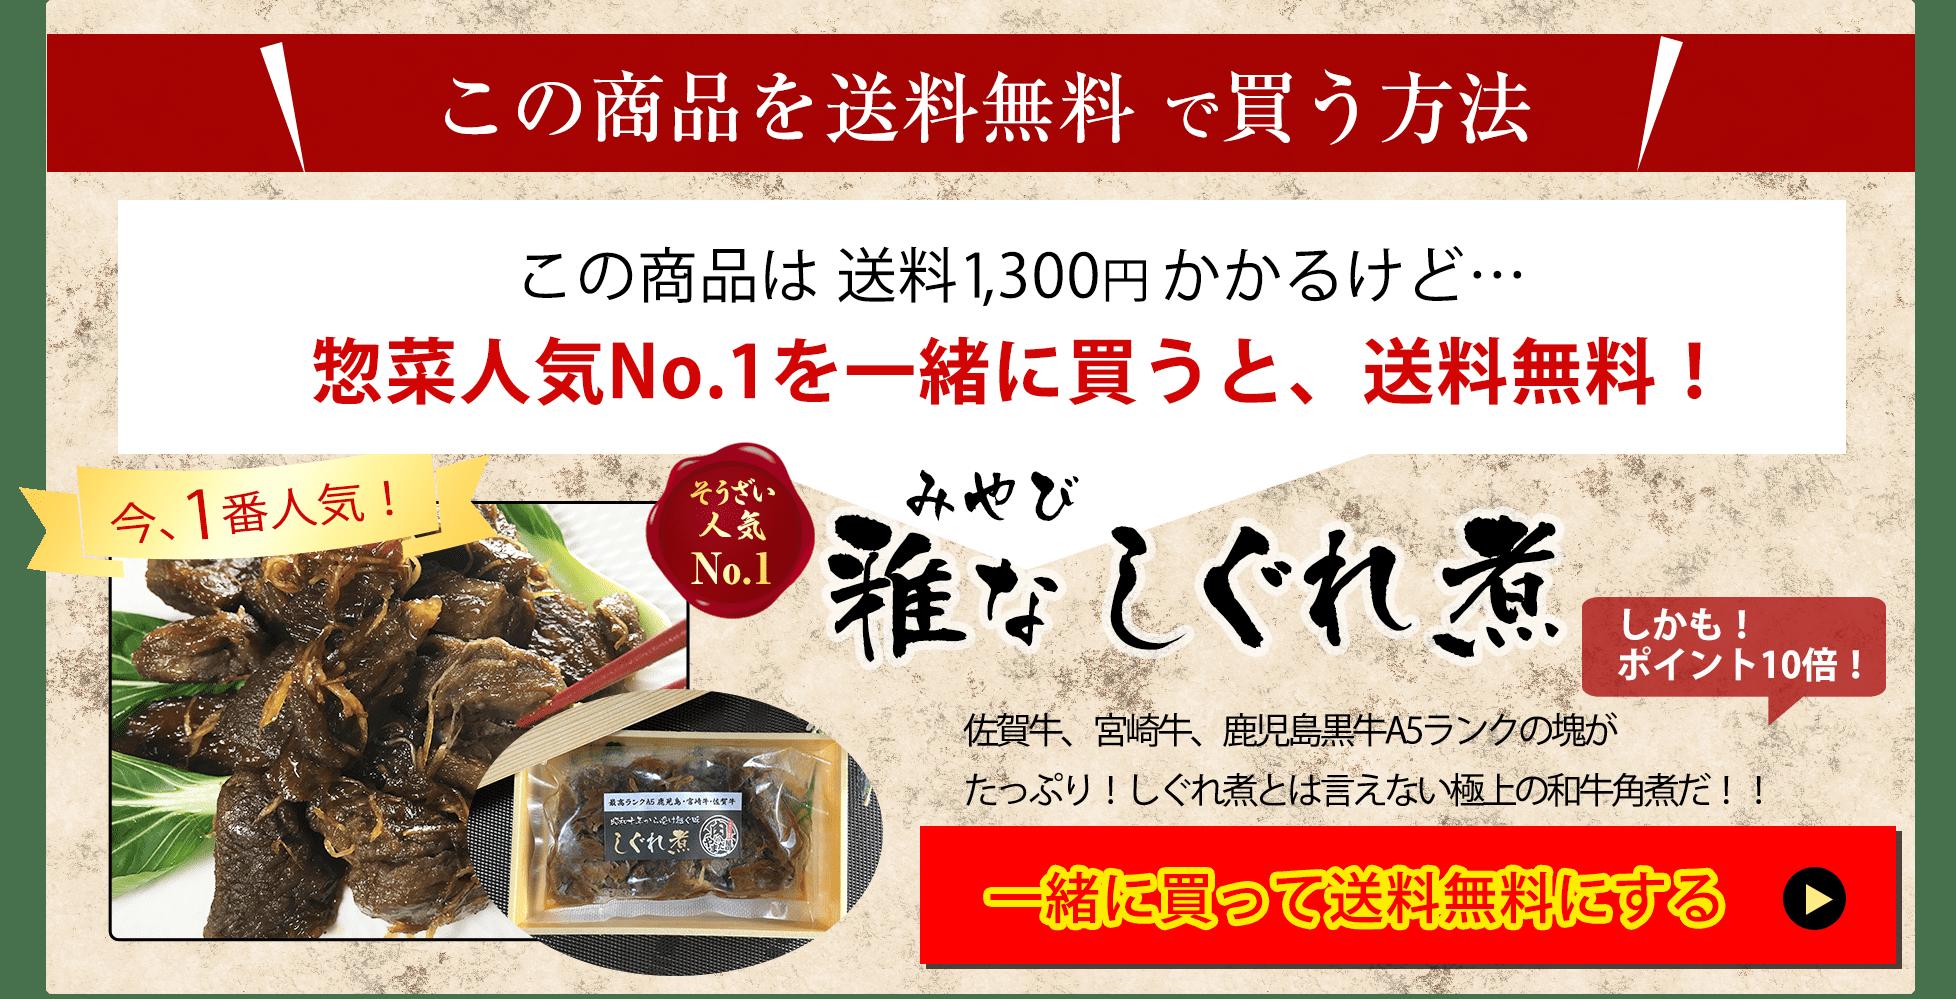 送料無料で買う方法 惣菜人人気ナンバーワンと一緒に買って送料無料